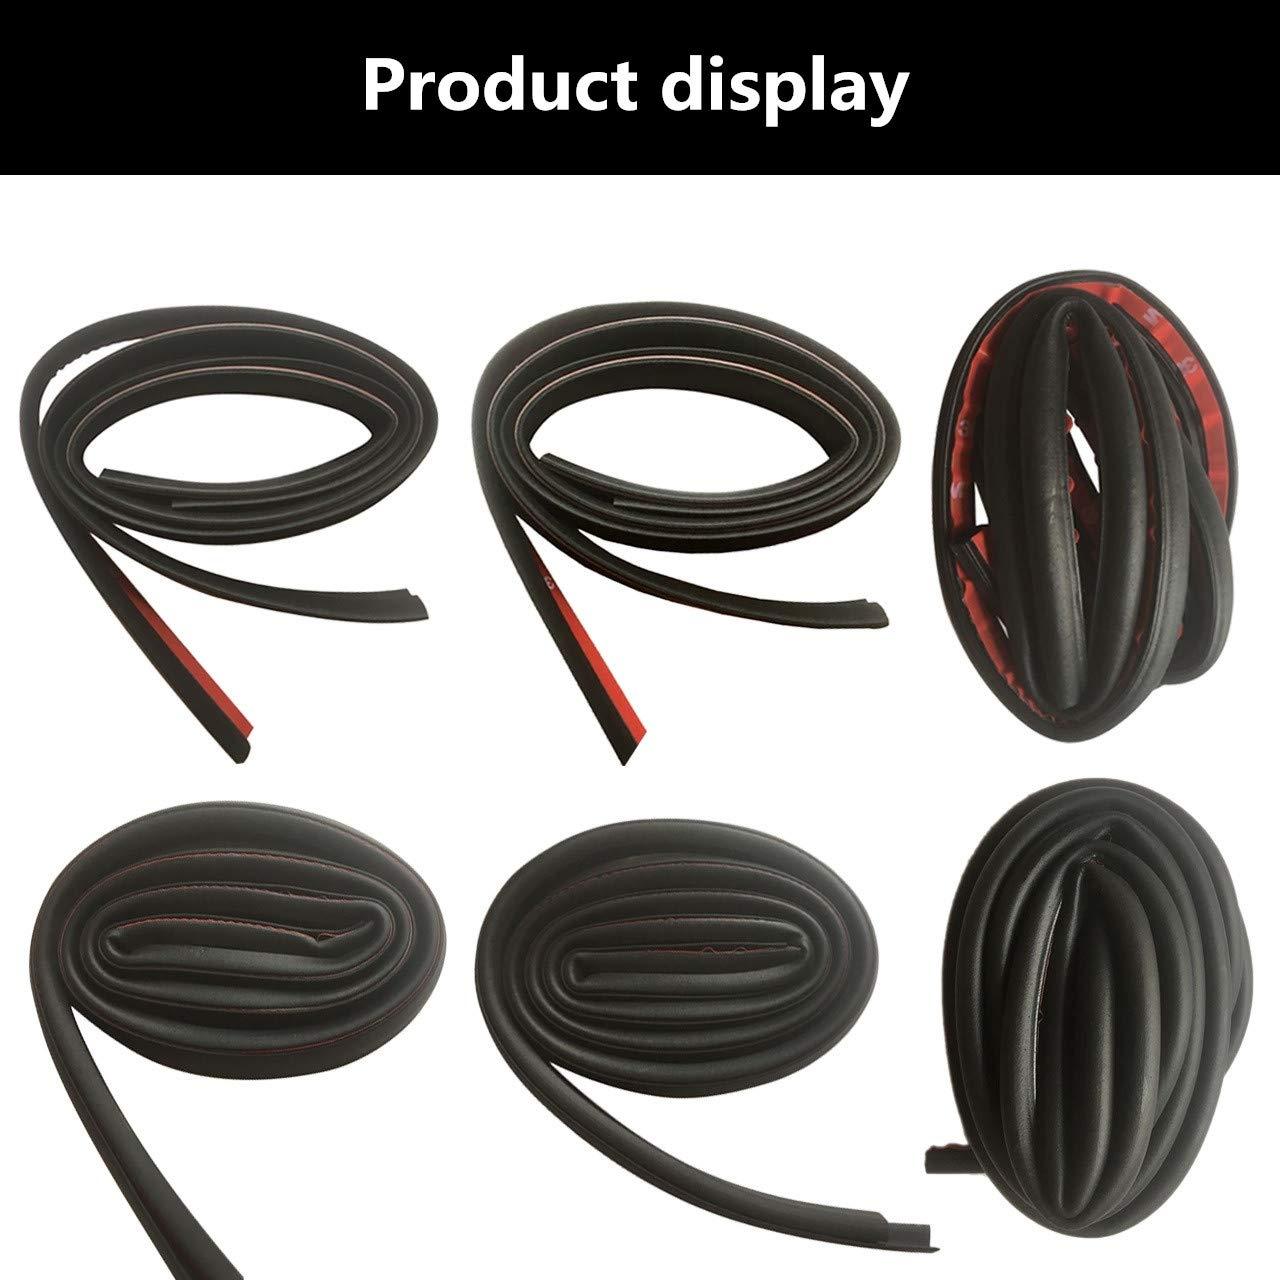 TONGXU Kit de 11 joints de porte pour voiture Mod/èle 3 Bande de joint complet pour joints en caoutchouc auto-adh/ésifs pour sonorisation Installation facile Protection contre le vent Eau bruyante